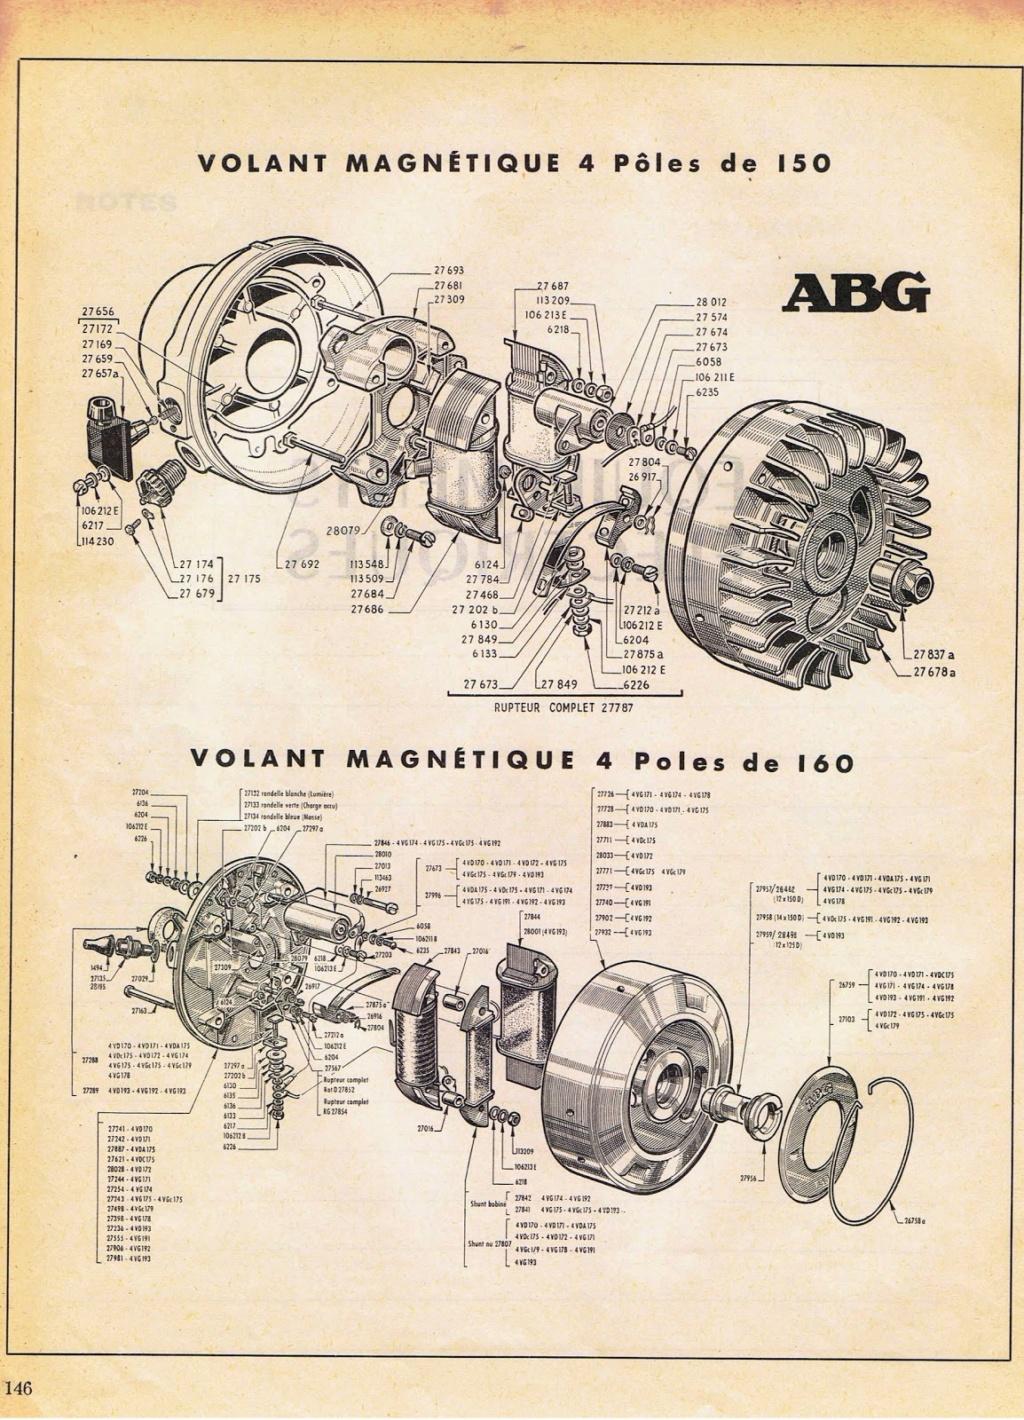 doc pour allumage ABG Volant10